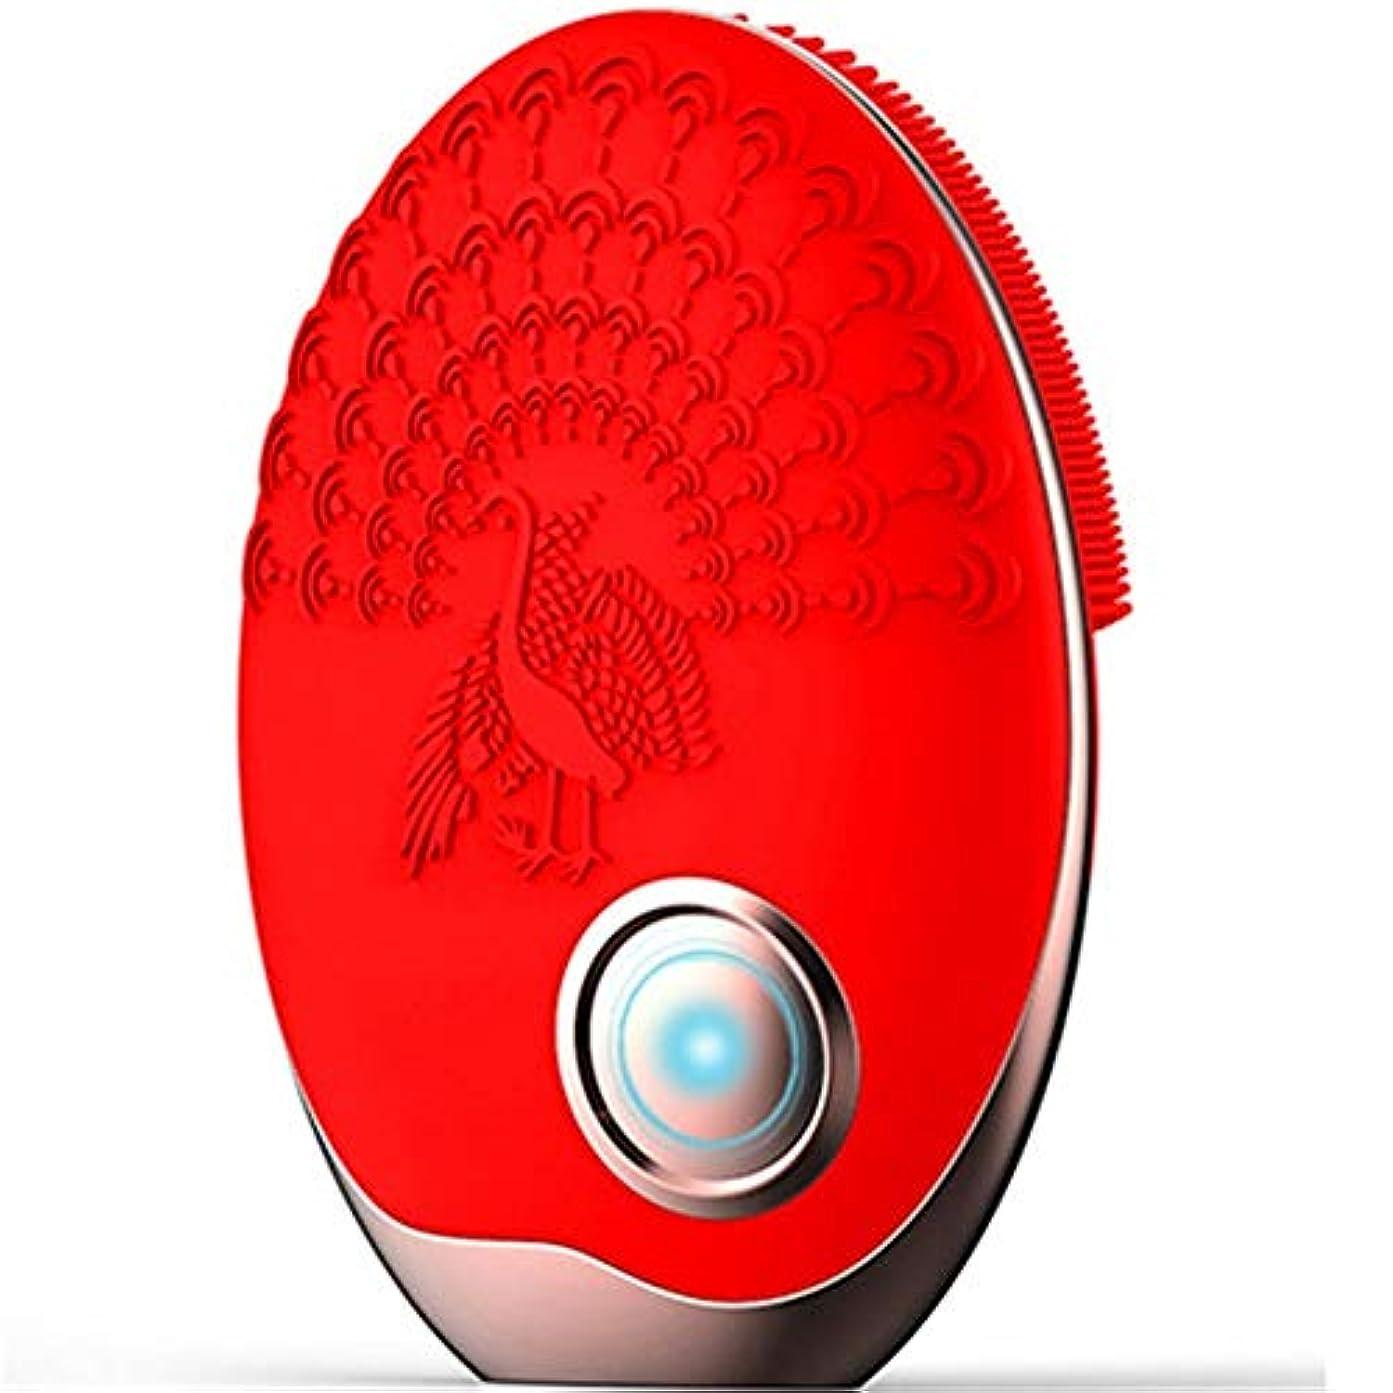 イブニングうるさい正当化するZHILI 洗顔ブラシ、ワイヤレス充電クレンジング美容器具、電気掃除用ブラシ、超音波振動洗浄用ブラシ、シリコーン洗濯機 (Color : Red)